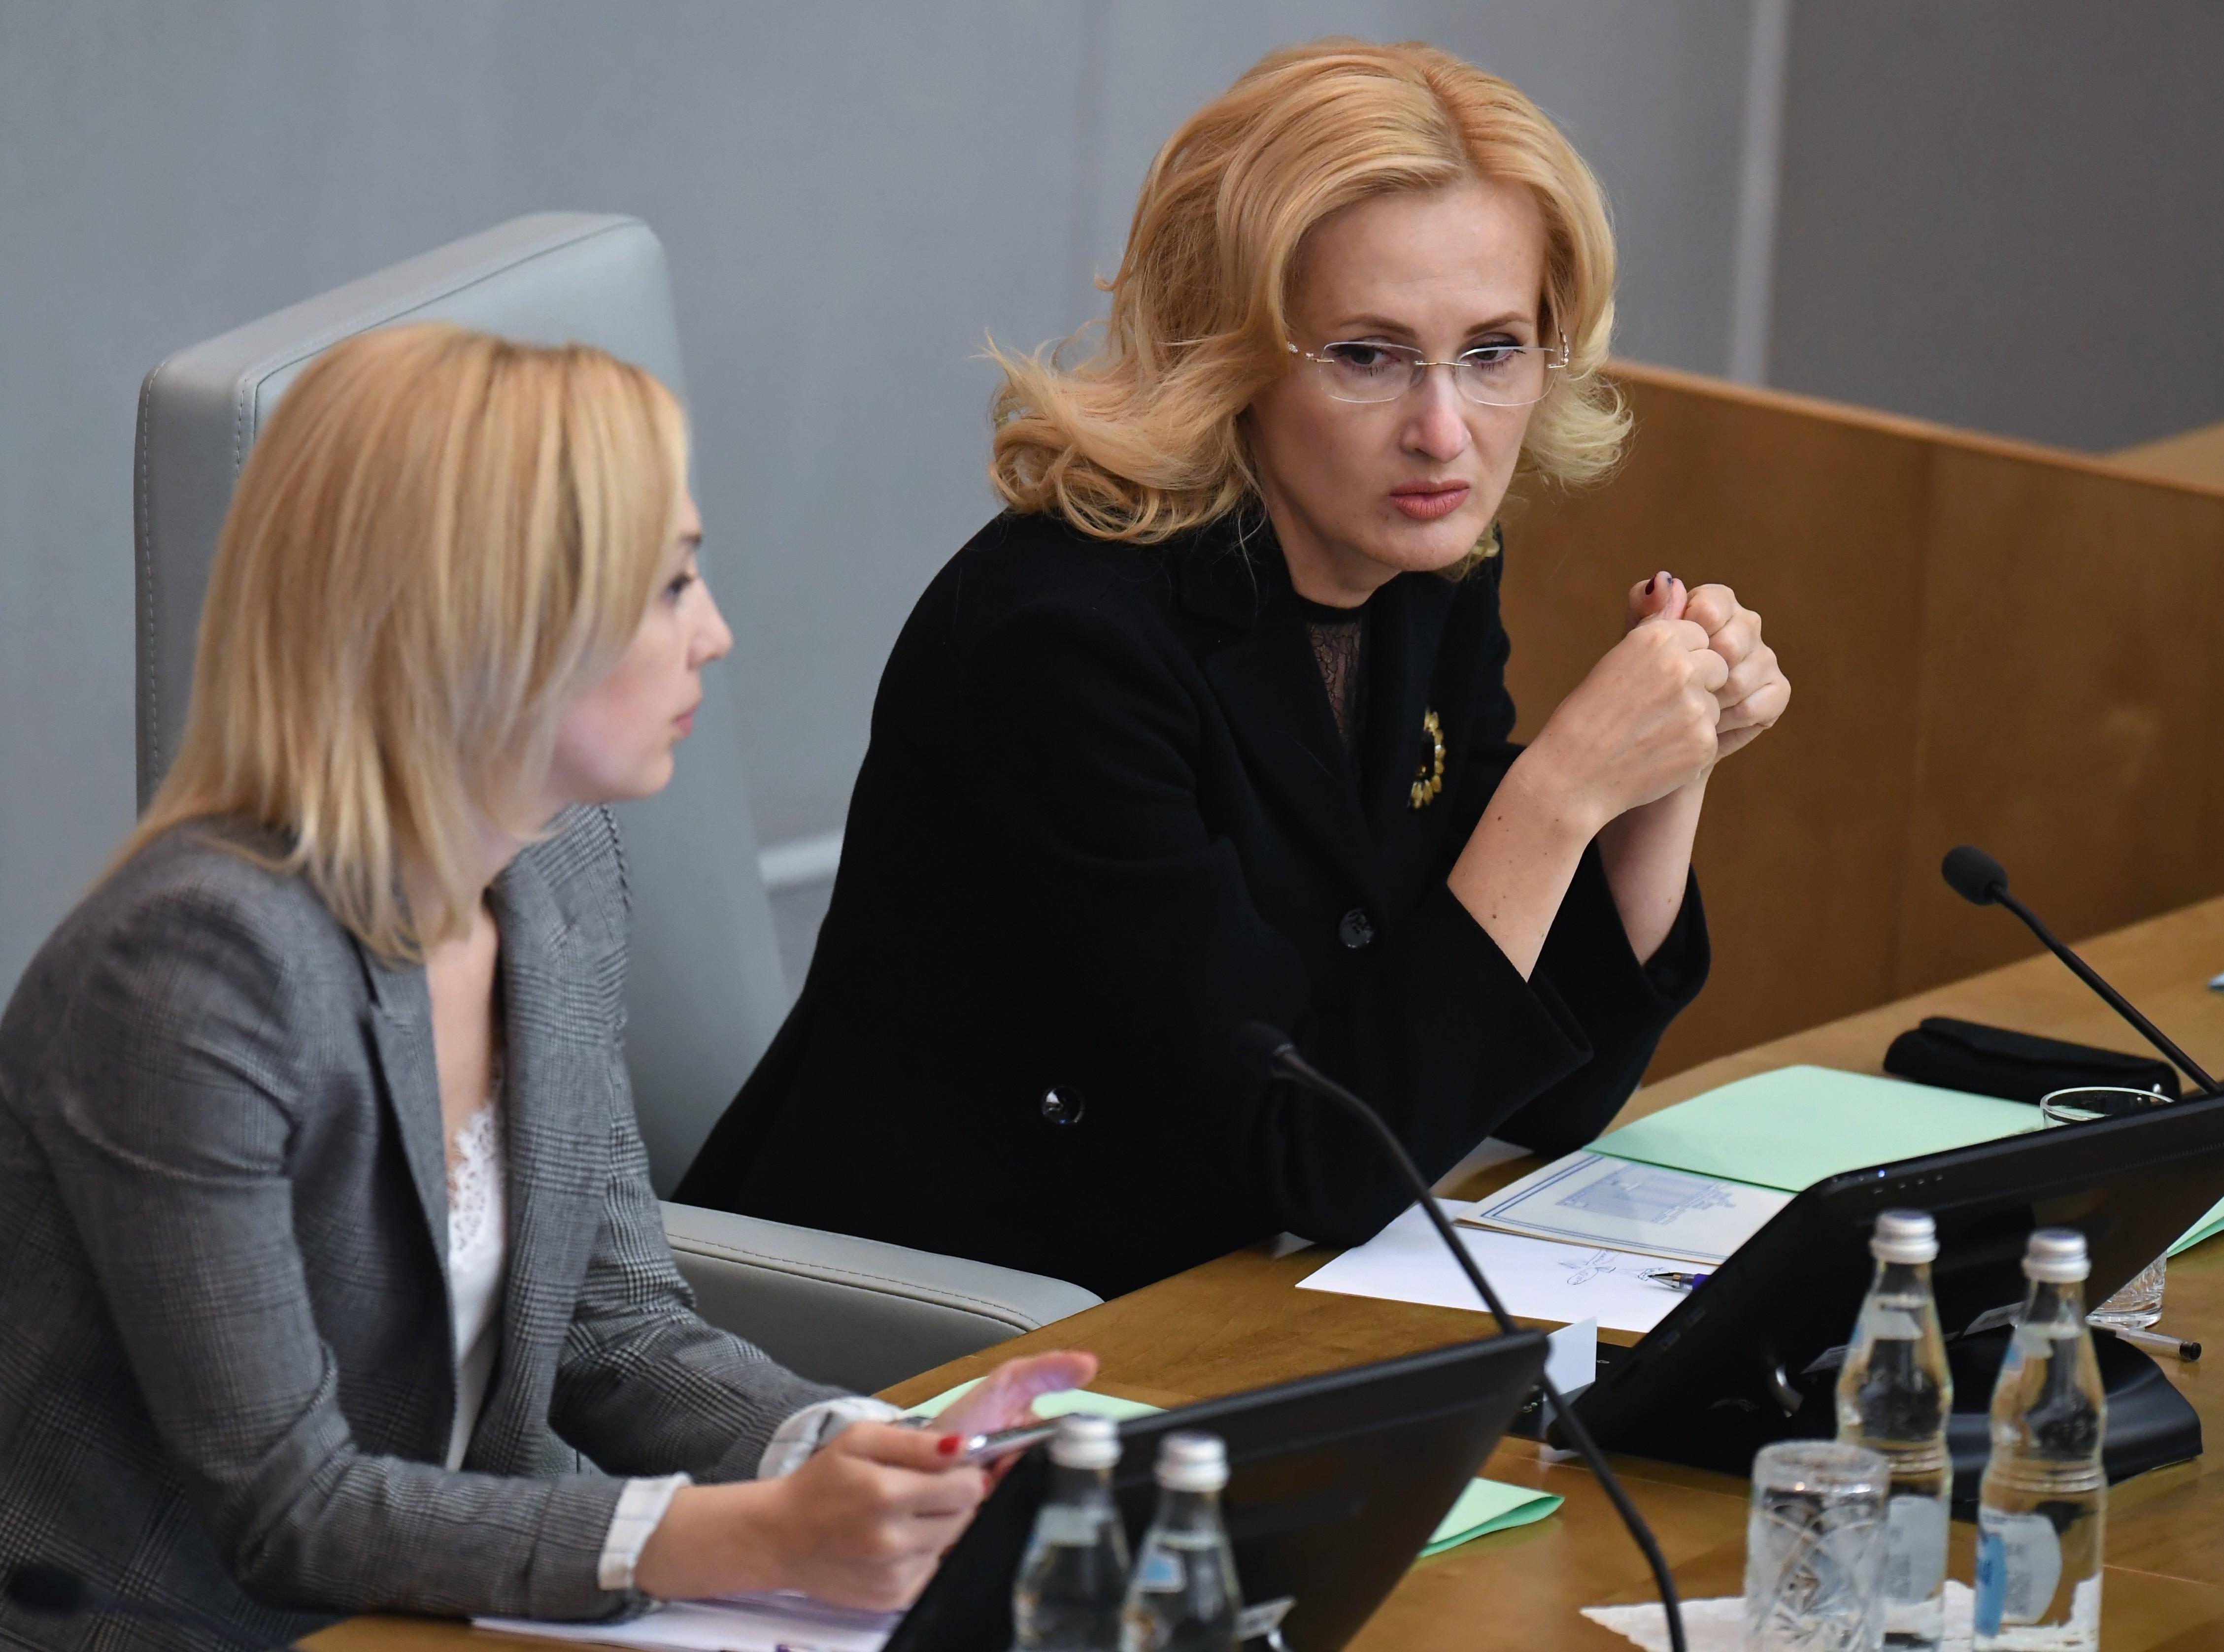 Ирина Яровая (справа). Фото ©РИА Новости / Илья Питалев